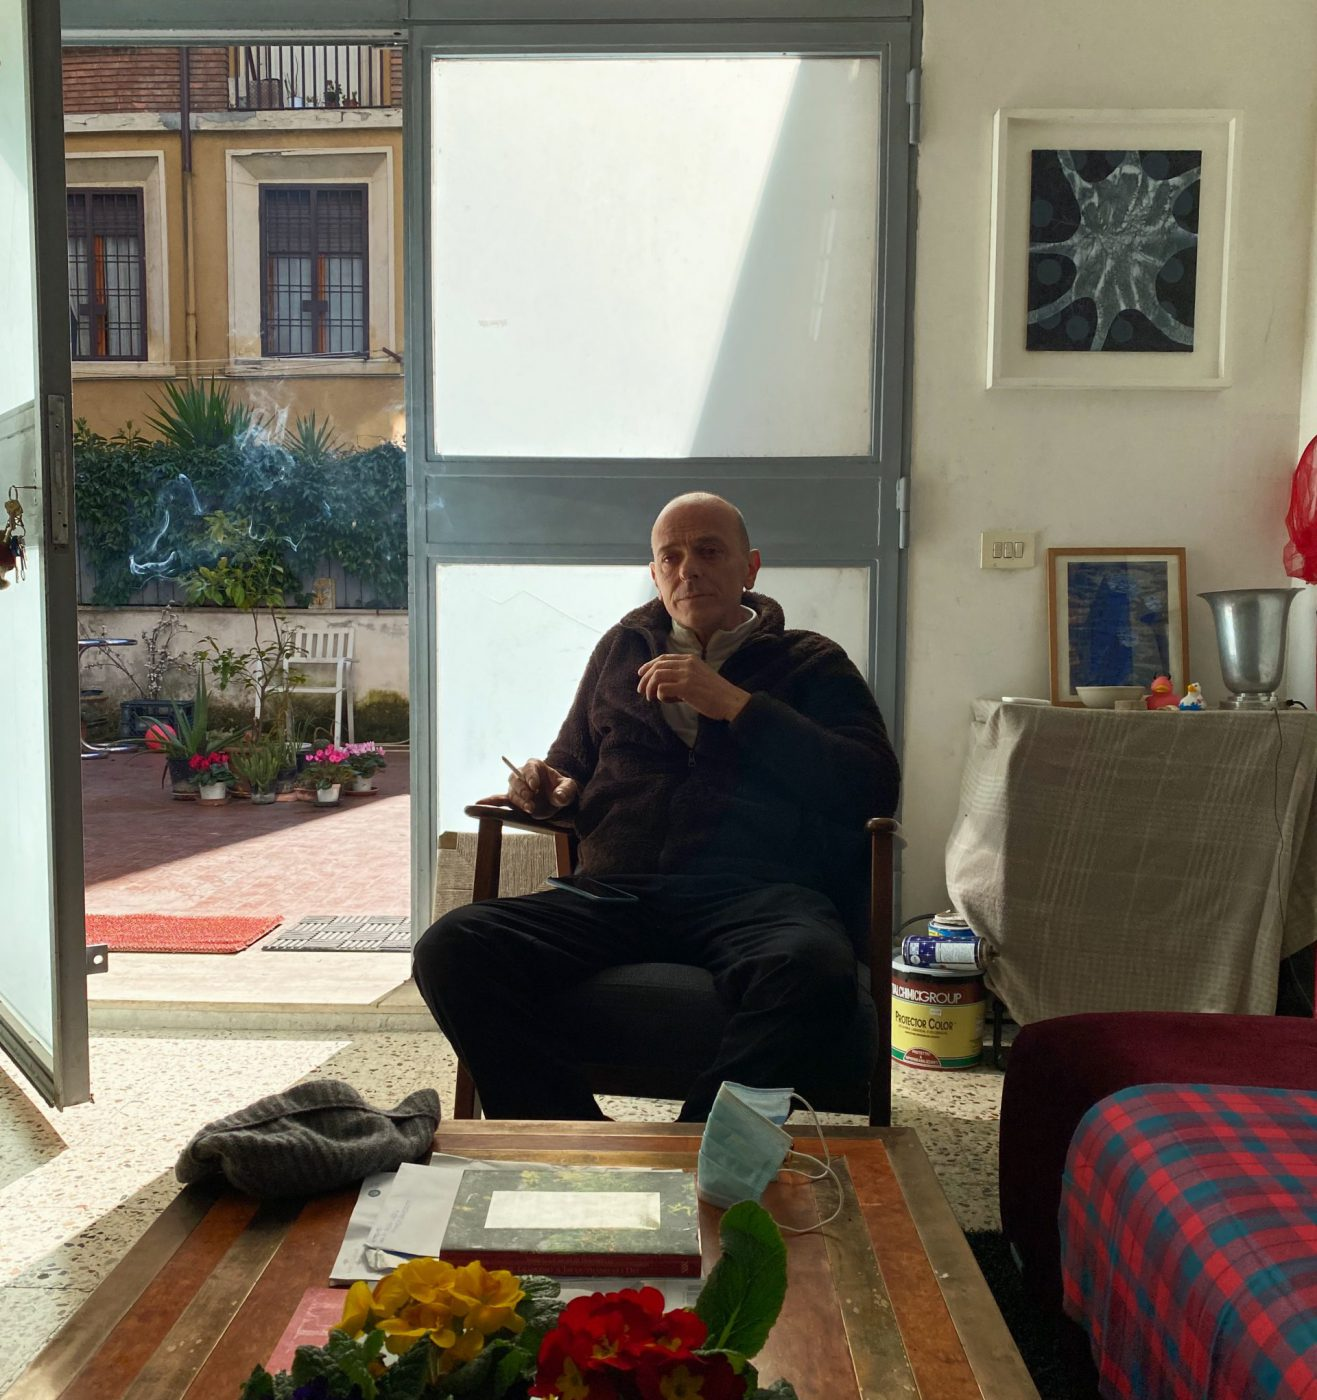 Alberto di Fabio in his studio in Rome, Pigneto